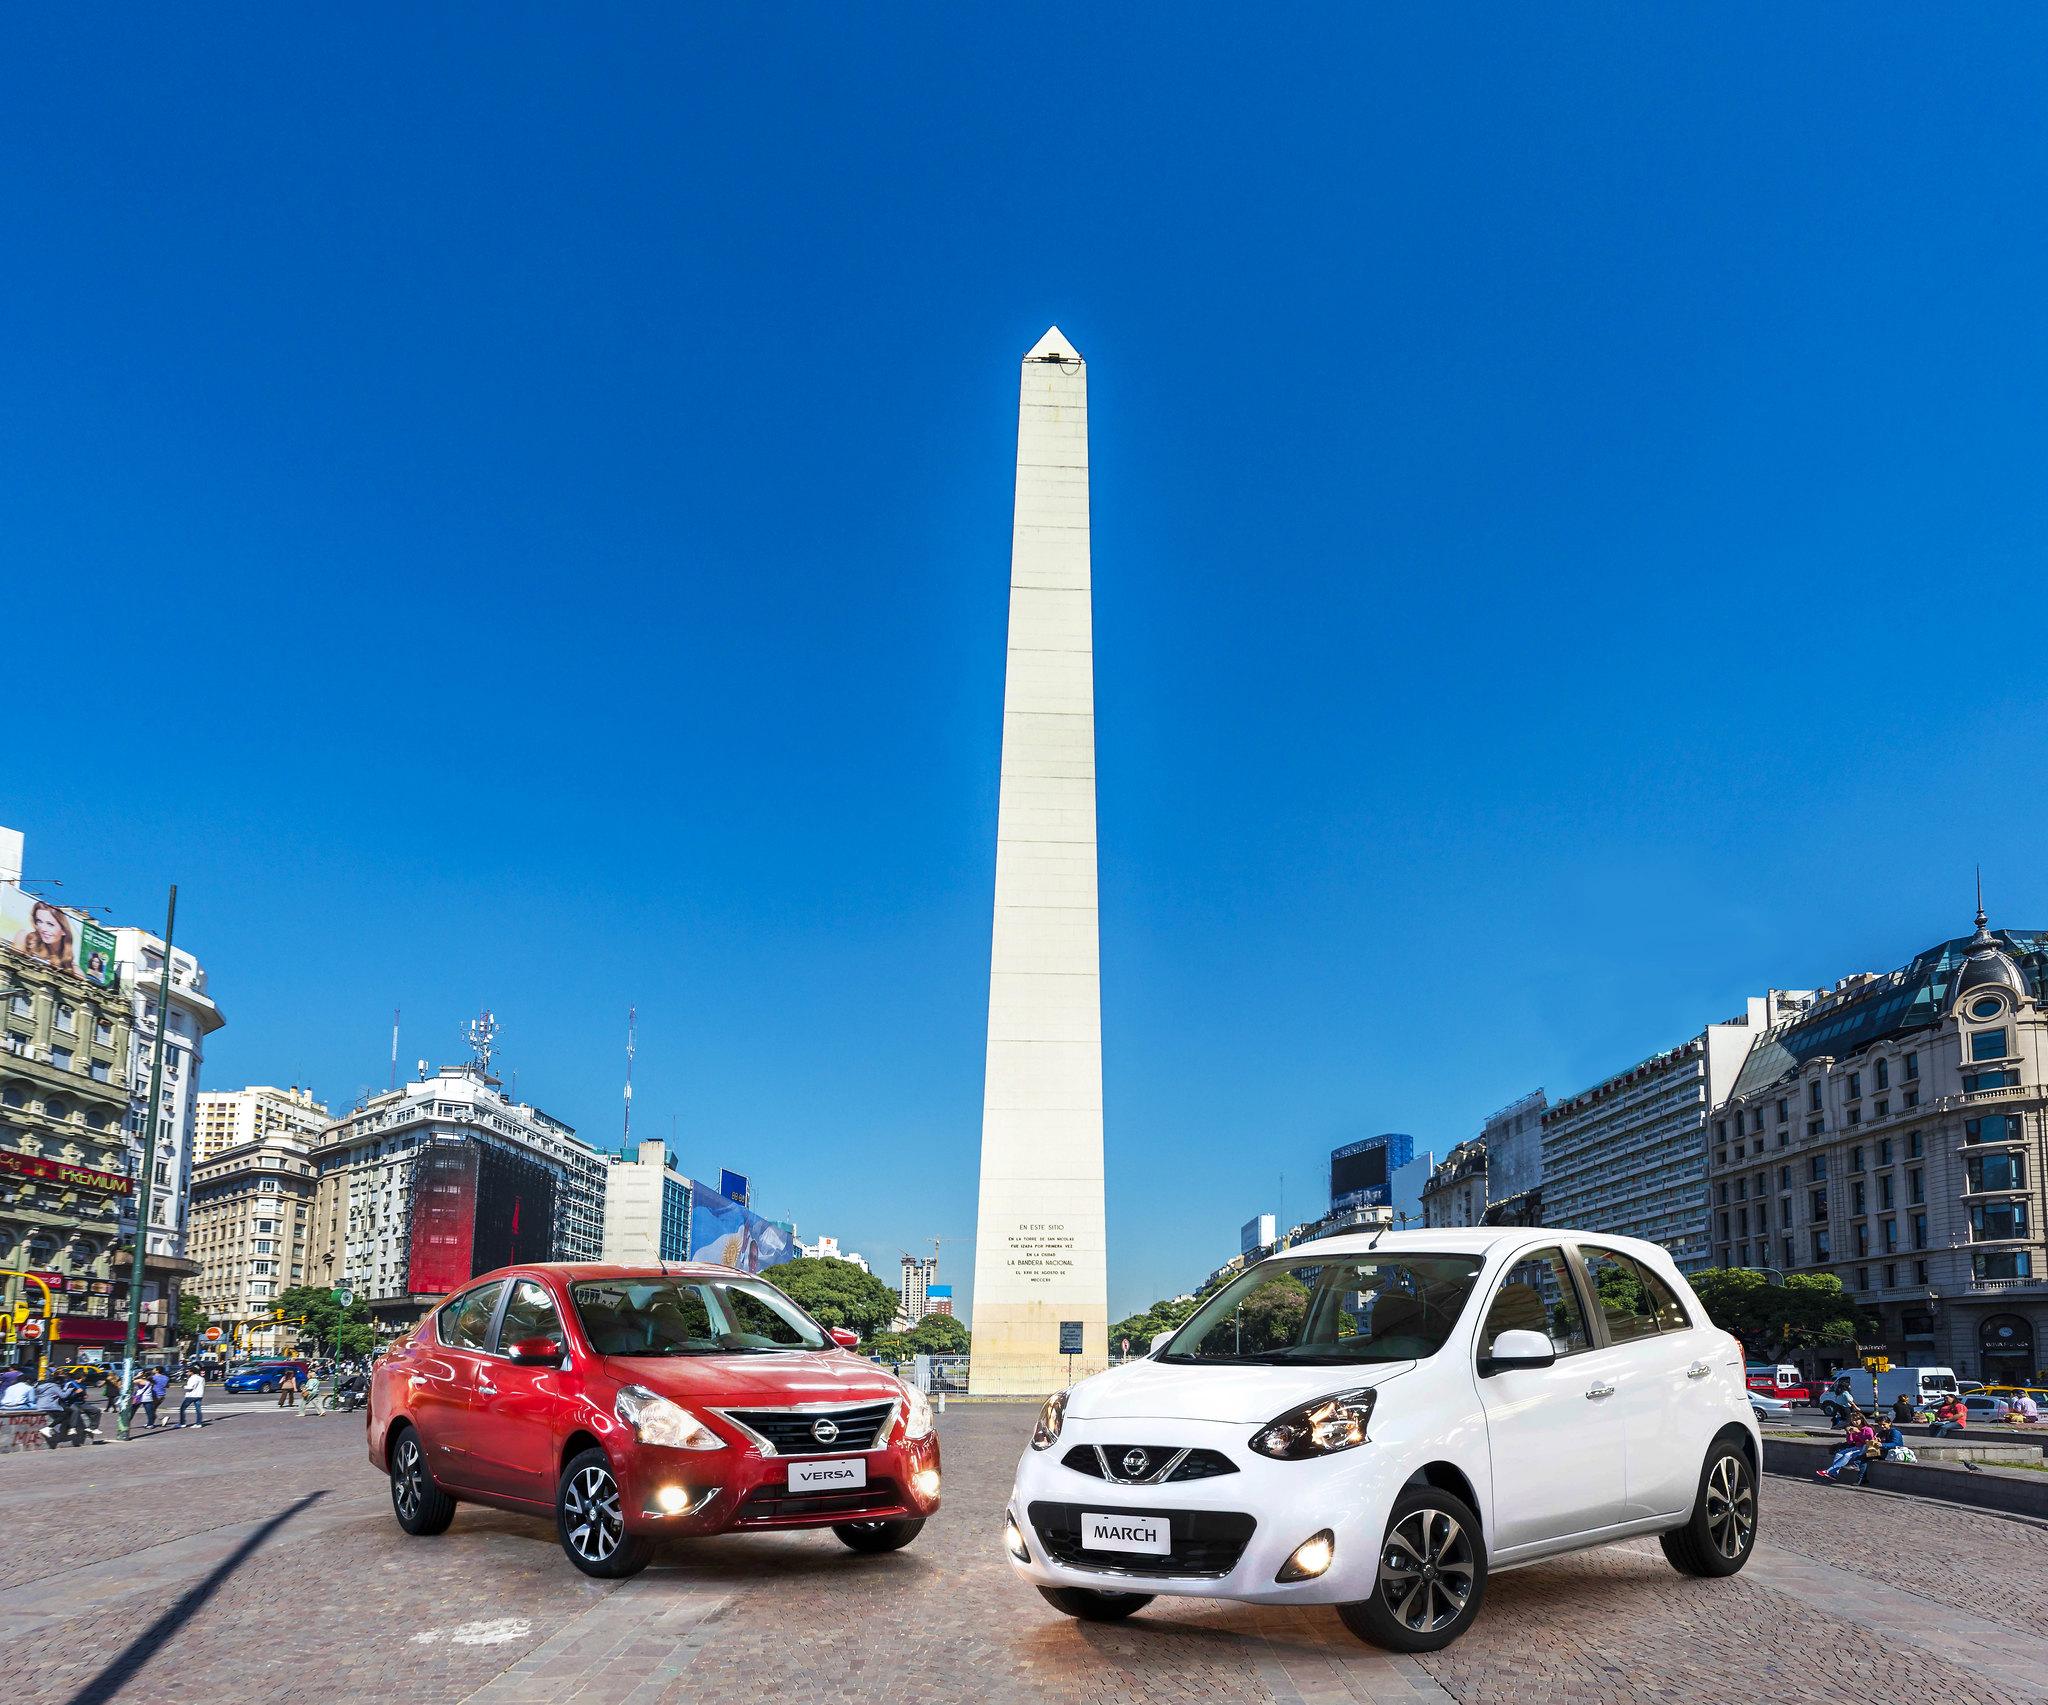 Nissan March e Versa produzidos nacionalmente chegam à Argentina